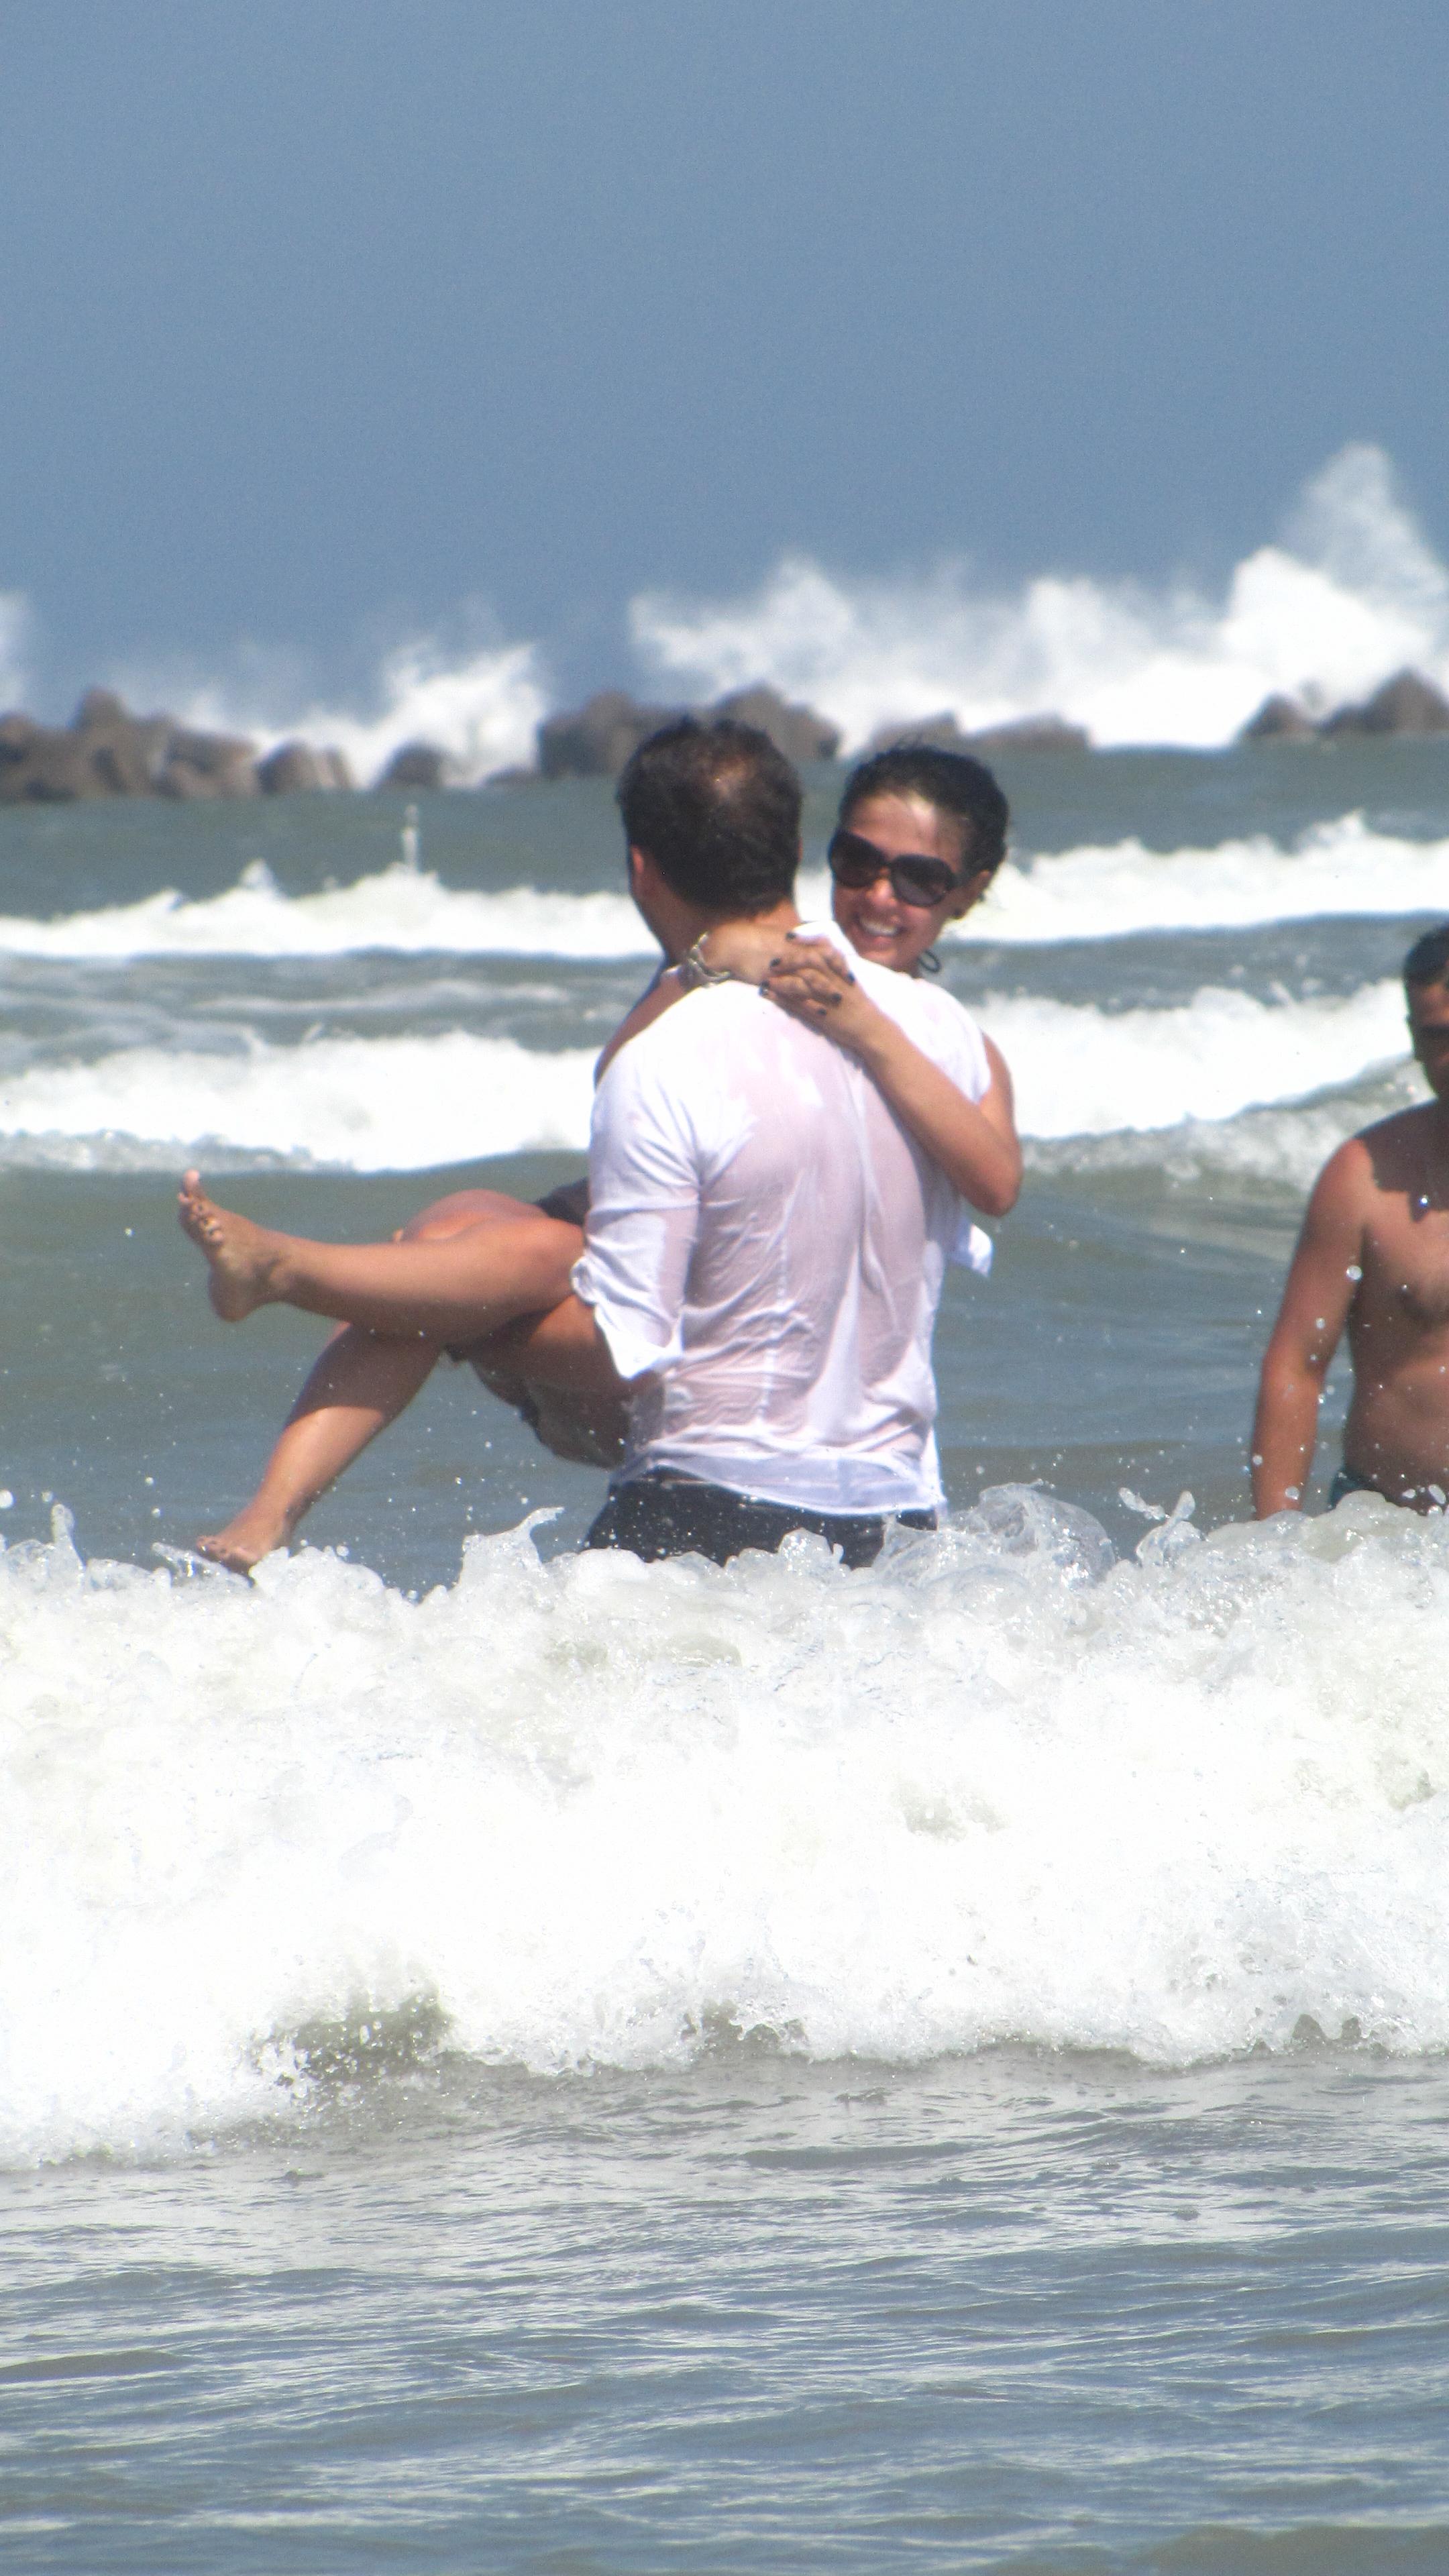 Chiar daca era imbracat, Stan a luat-o pe Andreea in brate si a intrat asa in apa marii